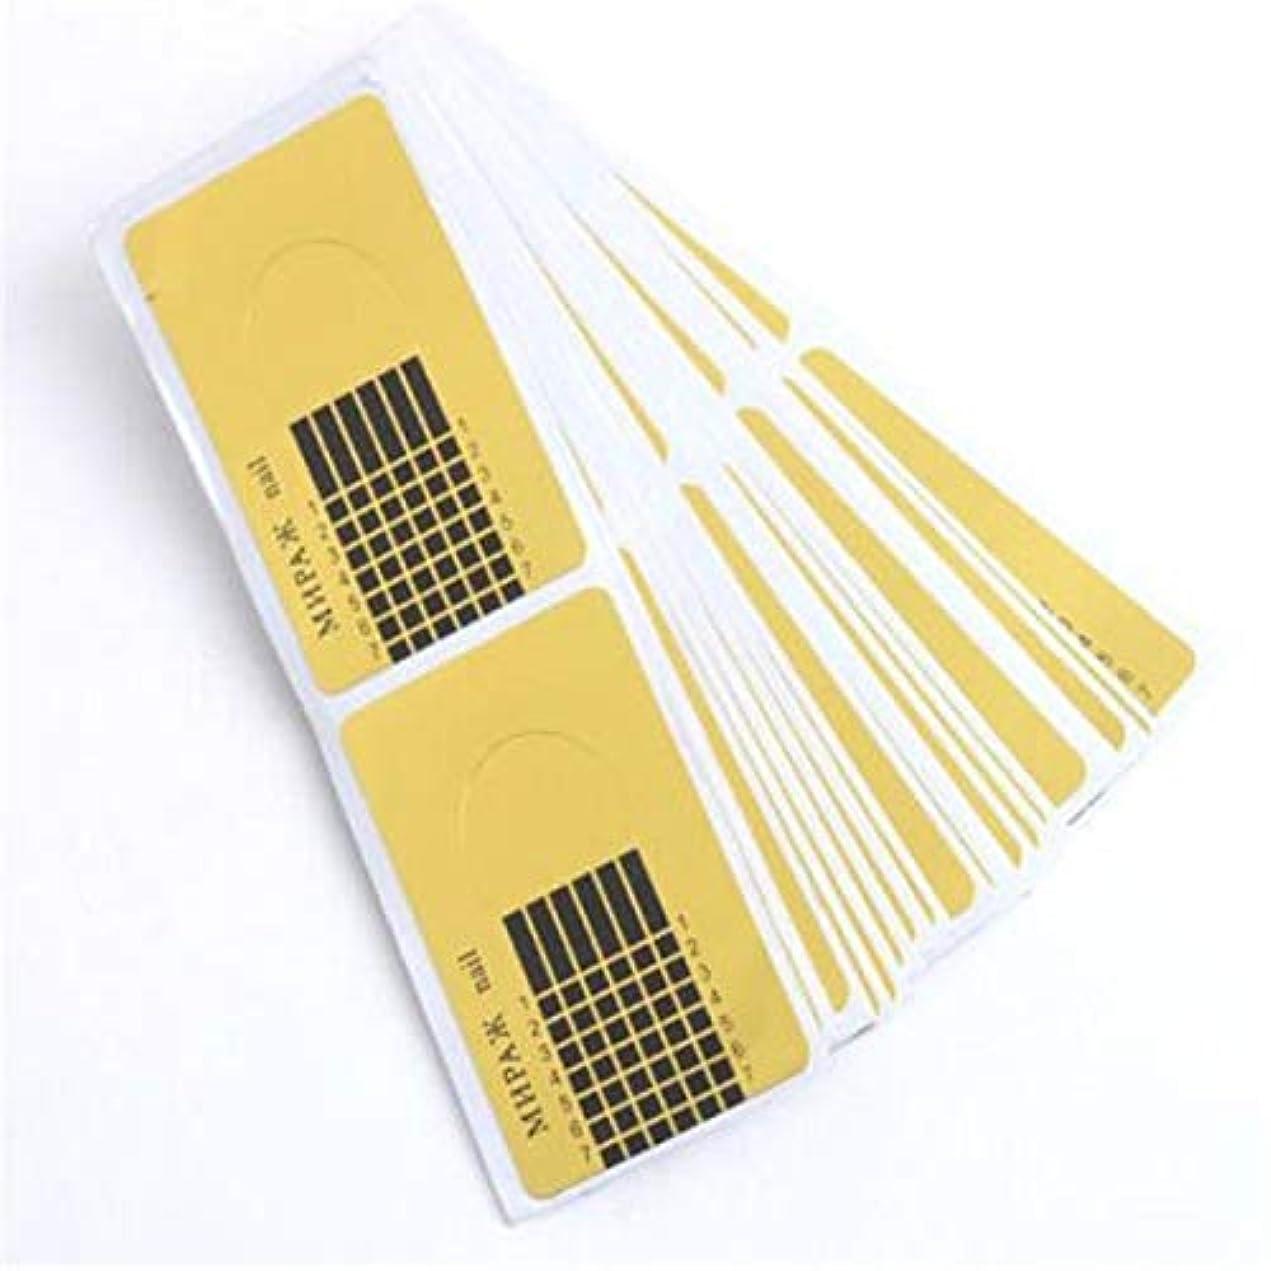 結核鉄道まとめるWadachikis 信頼性デザイン100個新しいコンセプトゴールド昆虫タイプ指トリートメント爪サポートクリスタル特殊ホルダー(None golden)